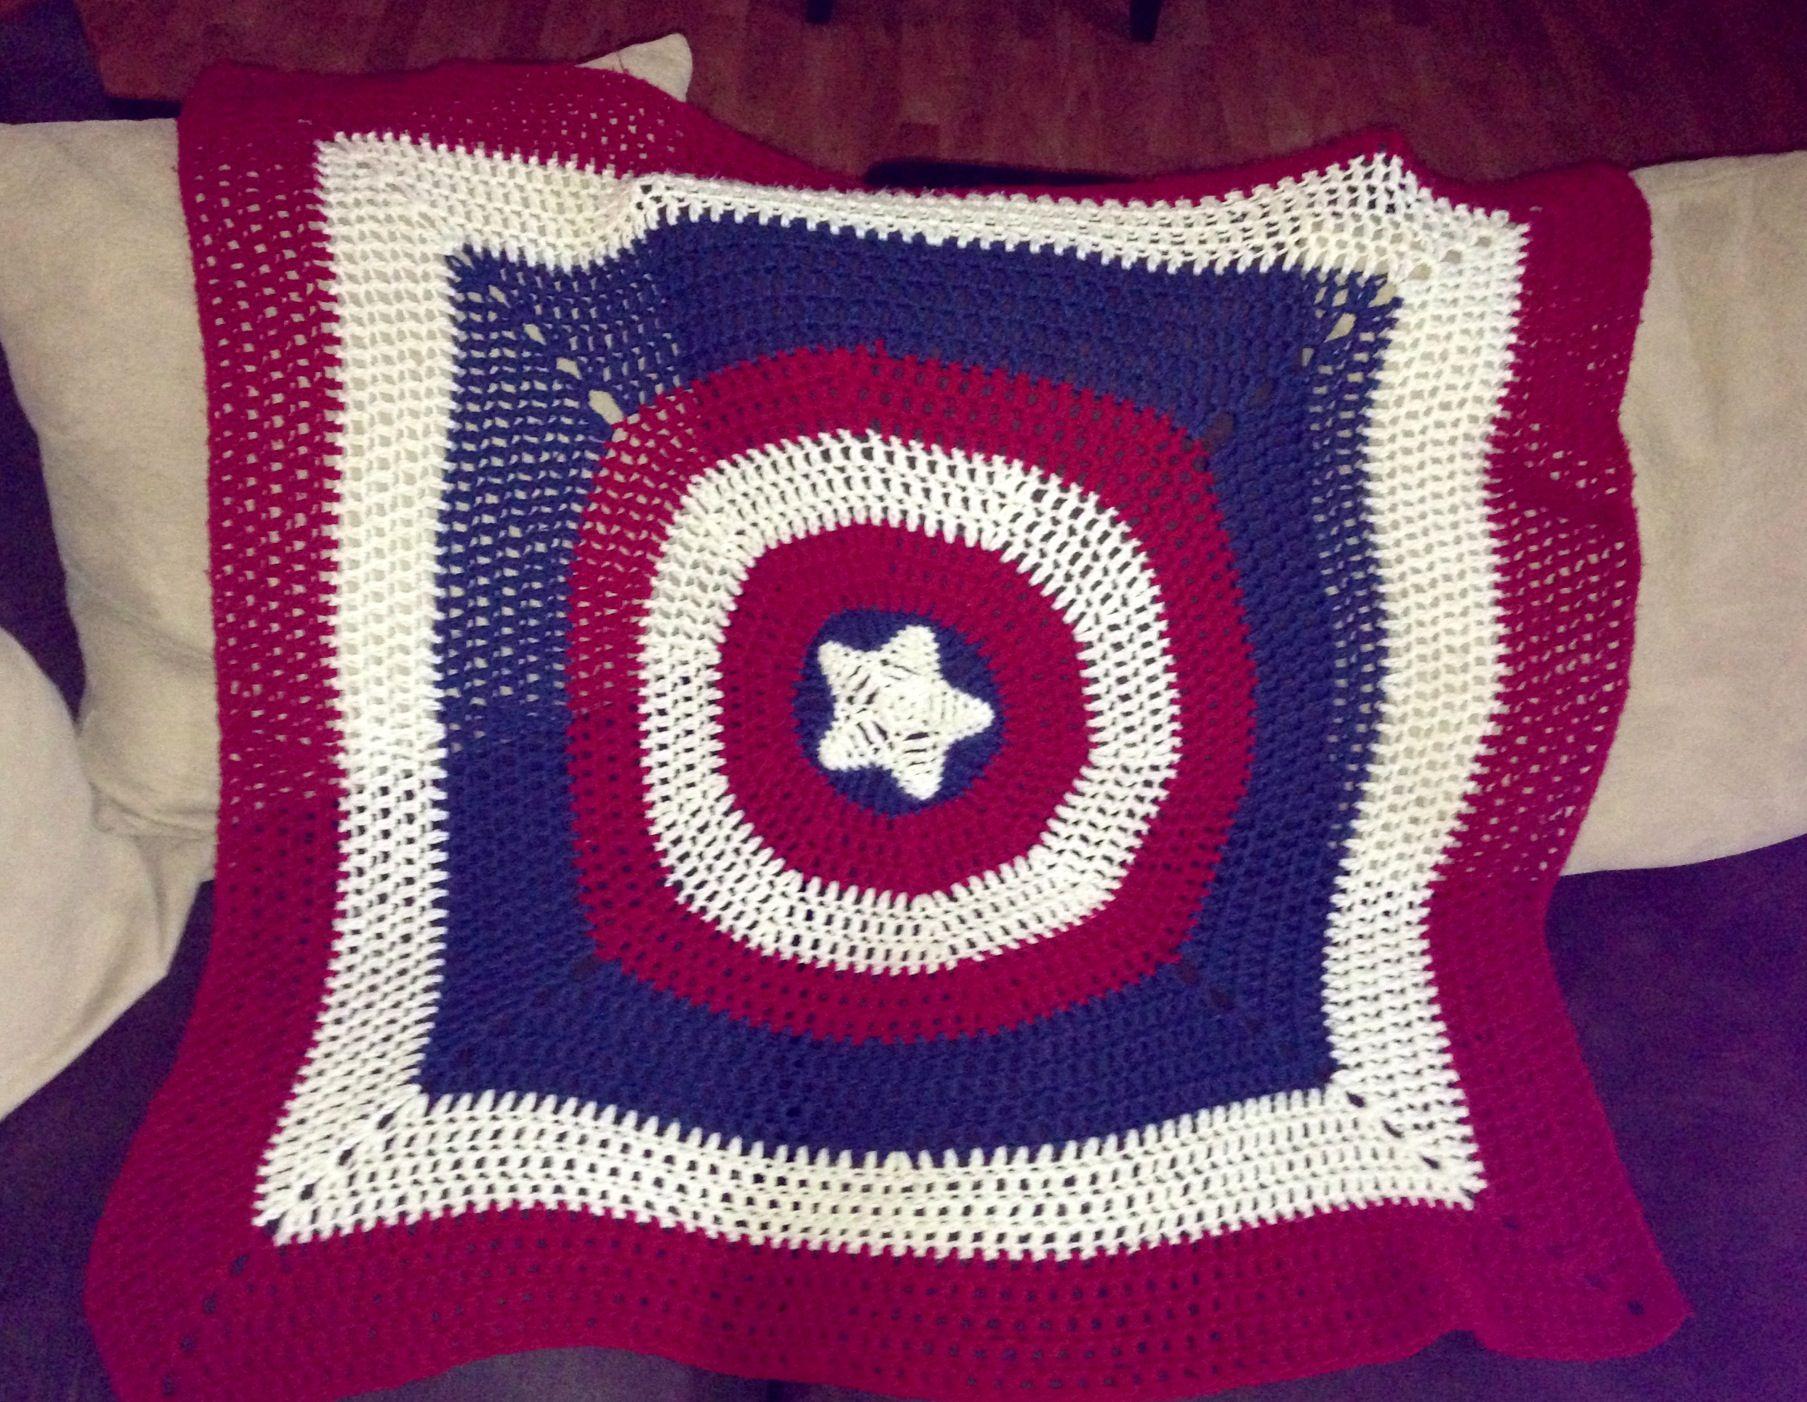 Captain America crochet blanket | Stuff I Make | Pinterest | Crochet ...